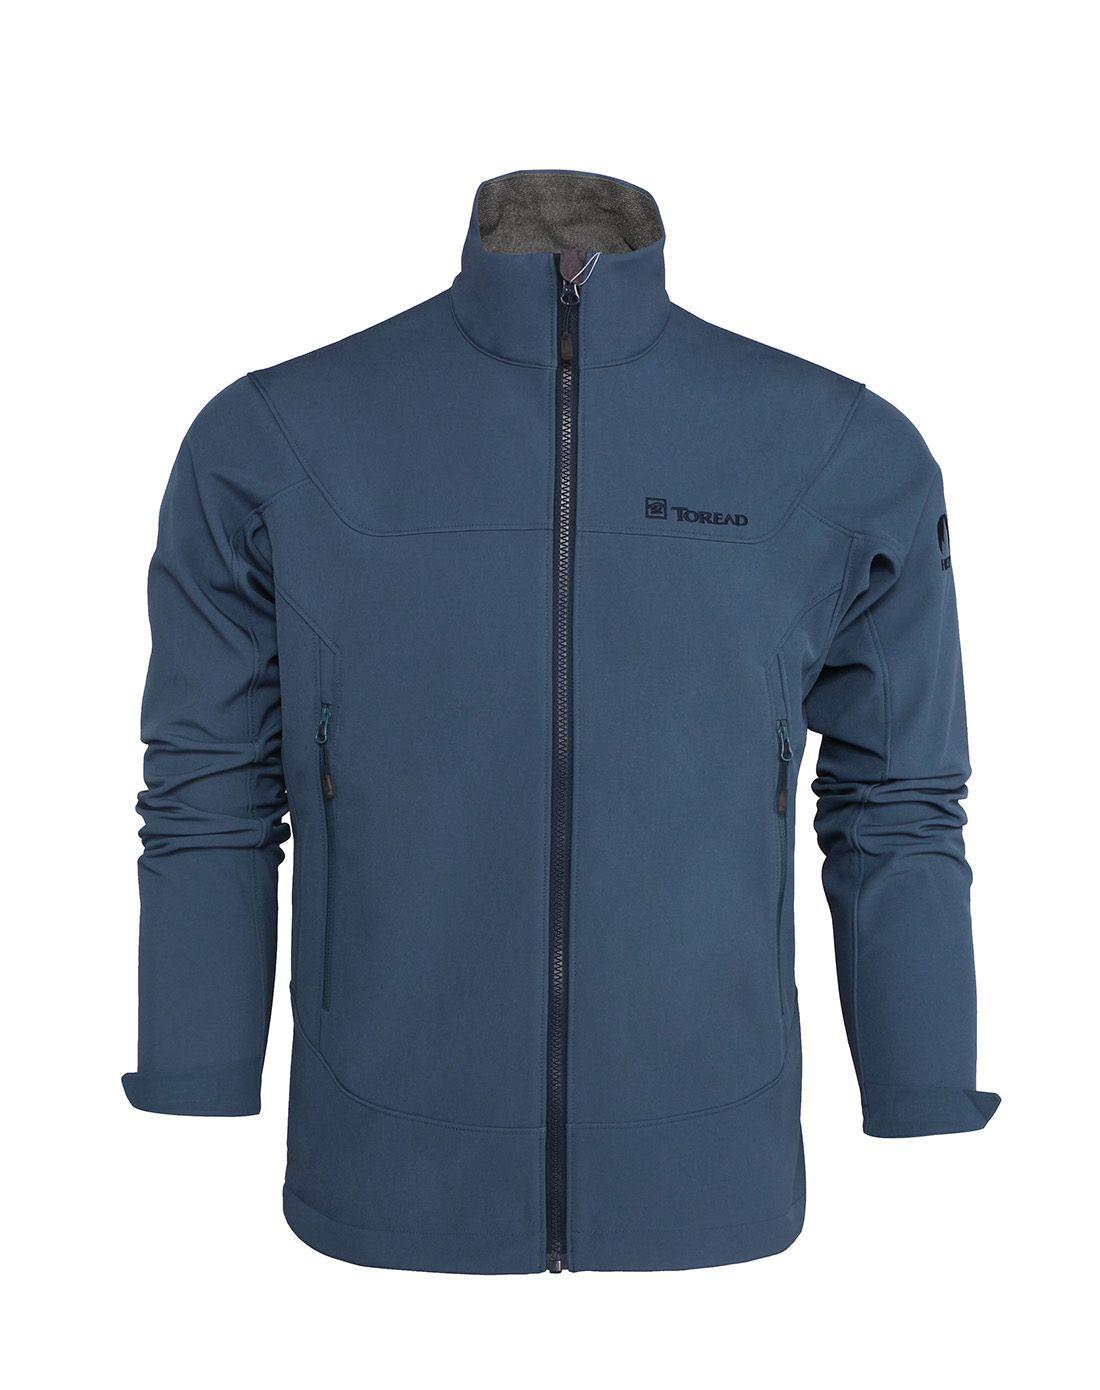 探路者防风防泼水 男款保暖内绒长袖软壳外套HAEE91071-C27X